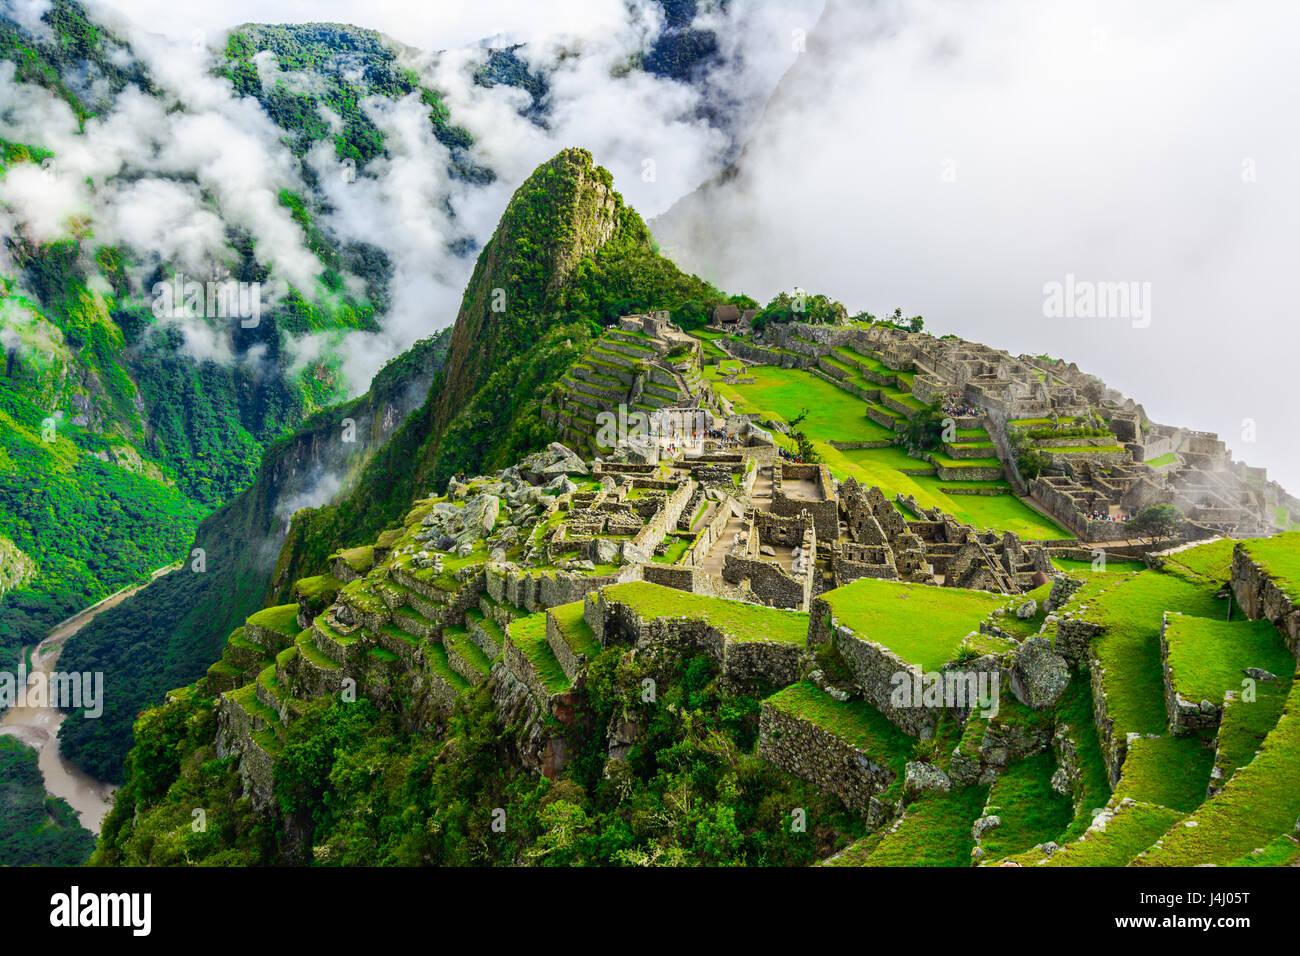 Aperçu de l'agriculture, Machu Picchu terrasses, Wayna Picchu et les montagnes en arrière-plan Photo Stock